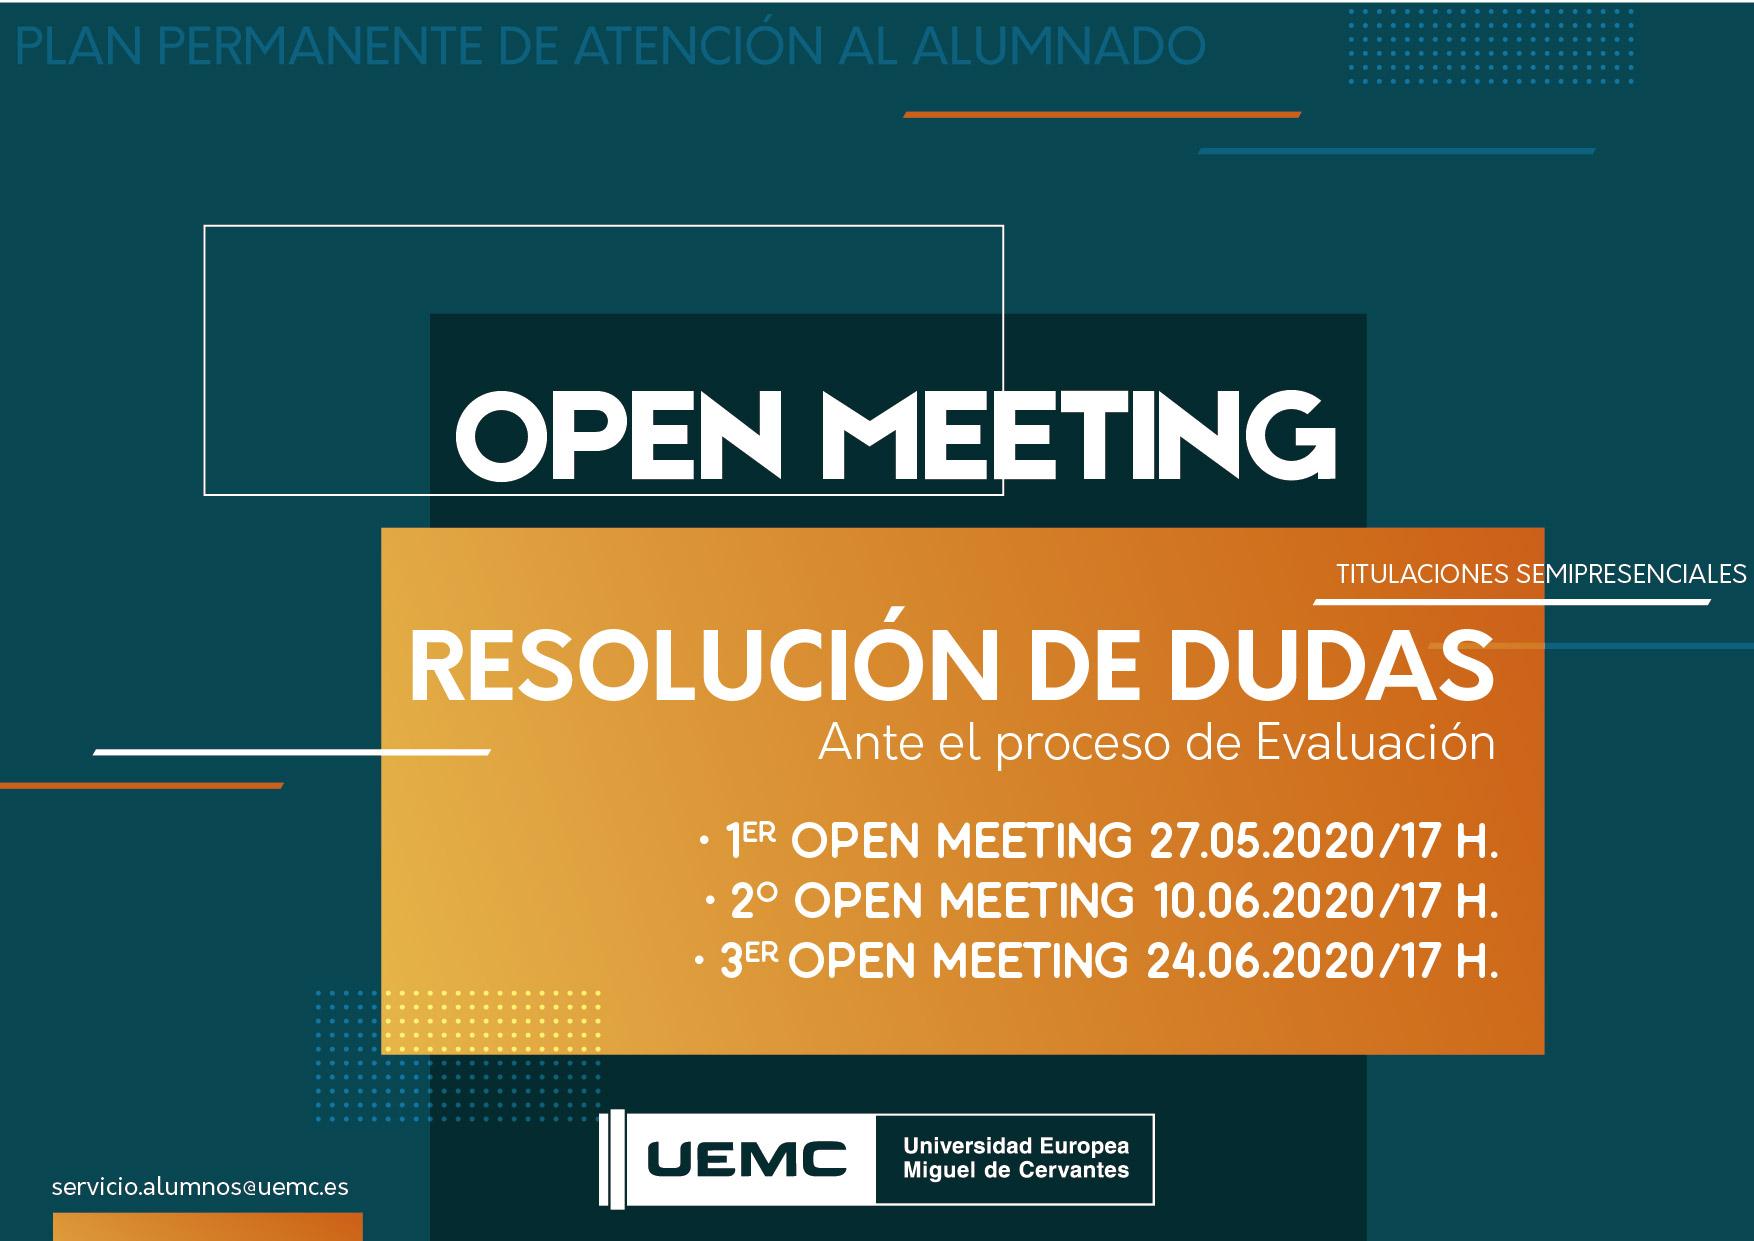 Titulaciones semipresenciales – Open Meeting de resolución de dudas – Consulta fechas